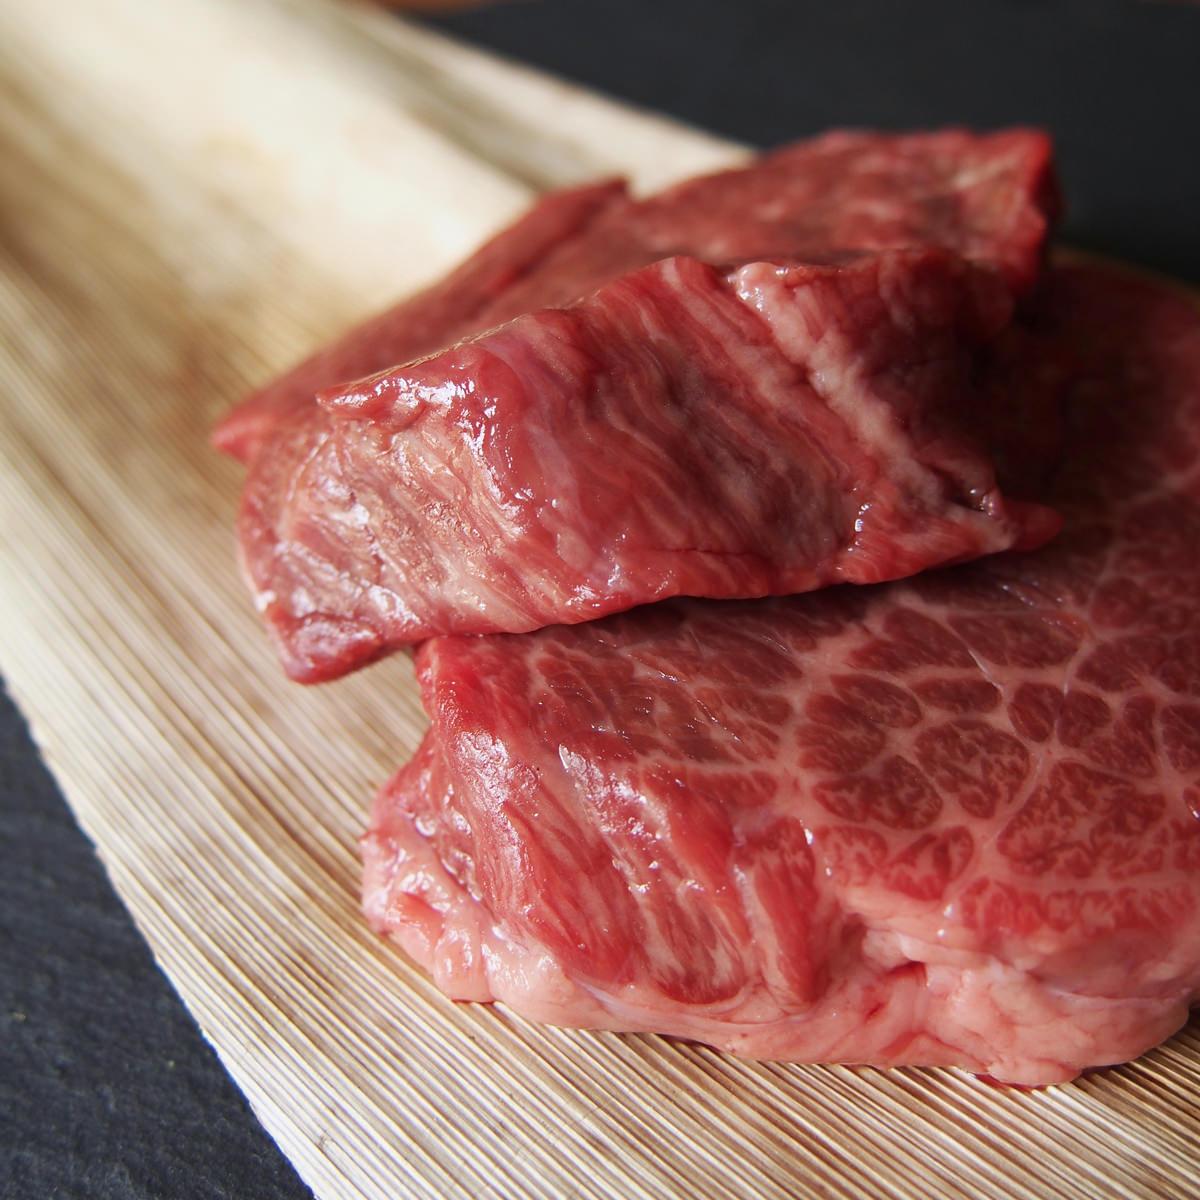 丸福商店 飛騨牛グリルカットステーキ 部位おまかせ 切り落とし モモ肉 肩肉 リブロース肉〔200g〕